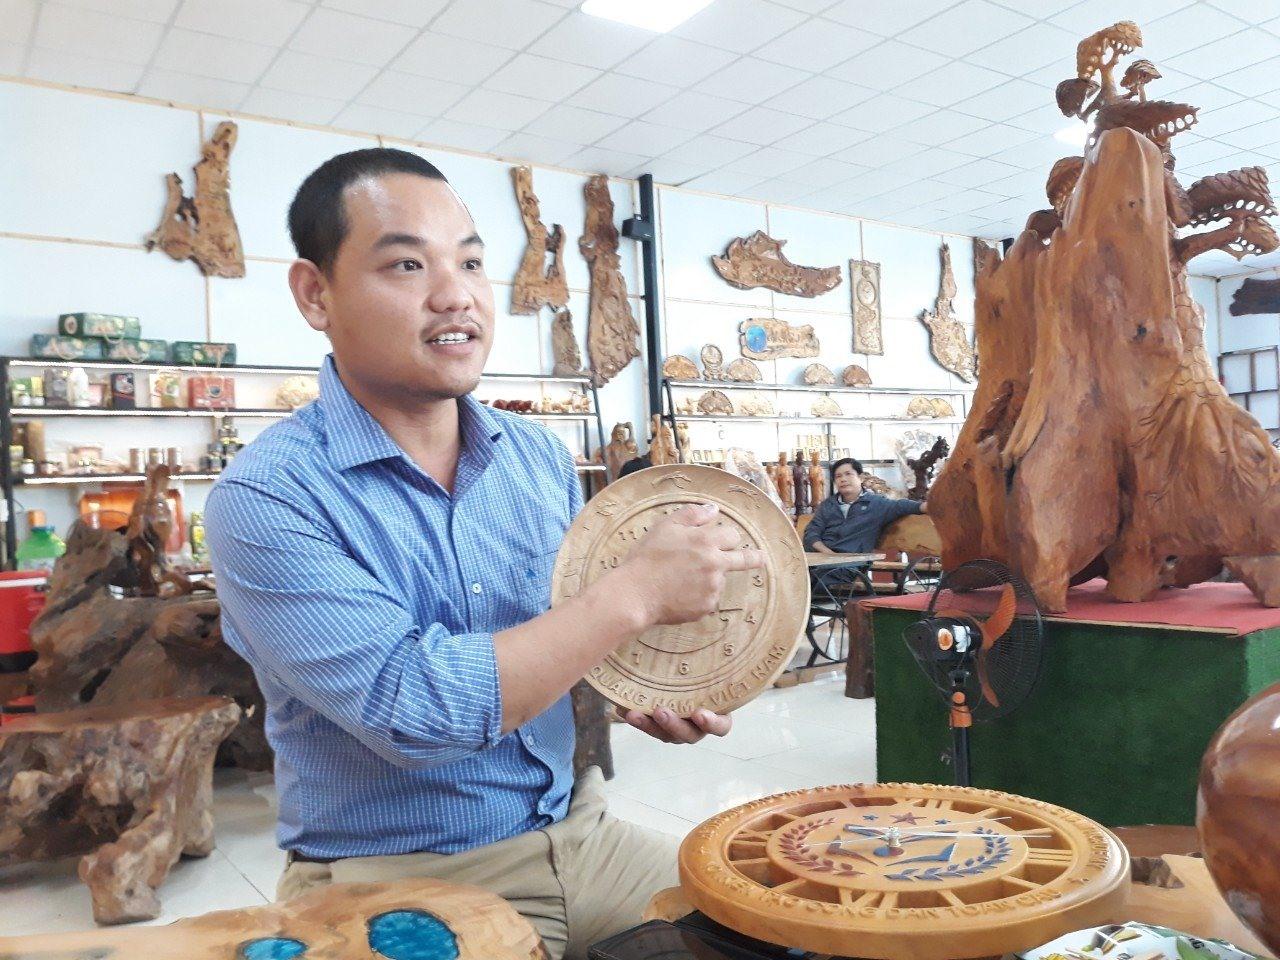 Ông Lê Hồng Thái giới thiệu sản phẩm mỹ nghệ bằng gỗ quế. Ảnh: C.N